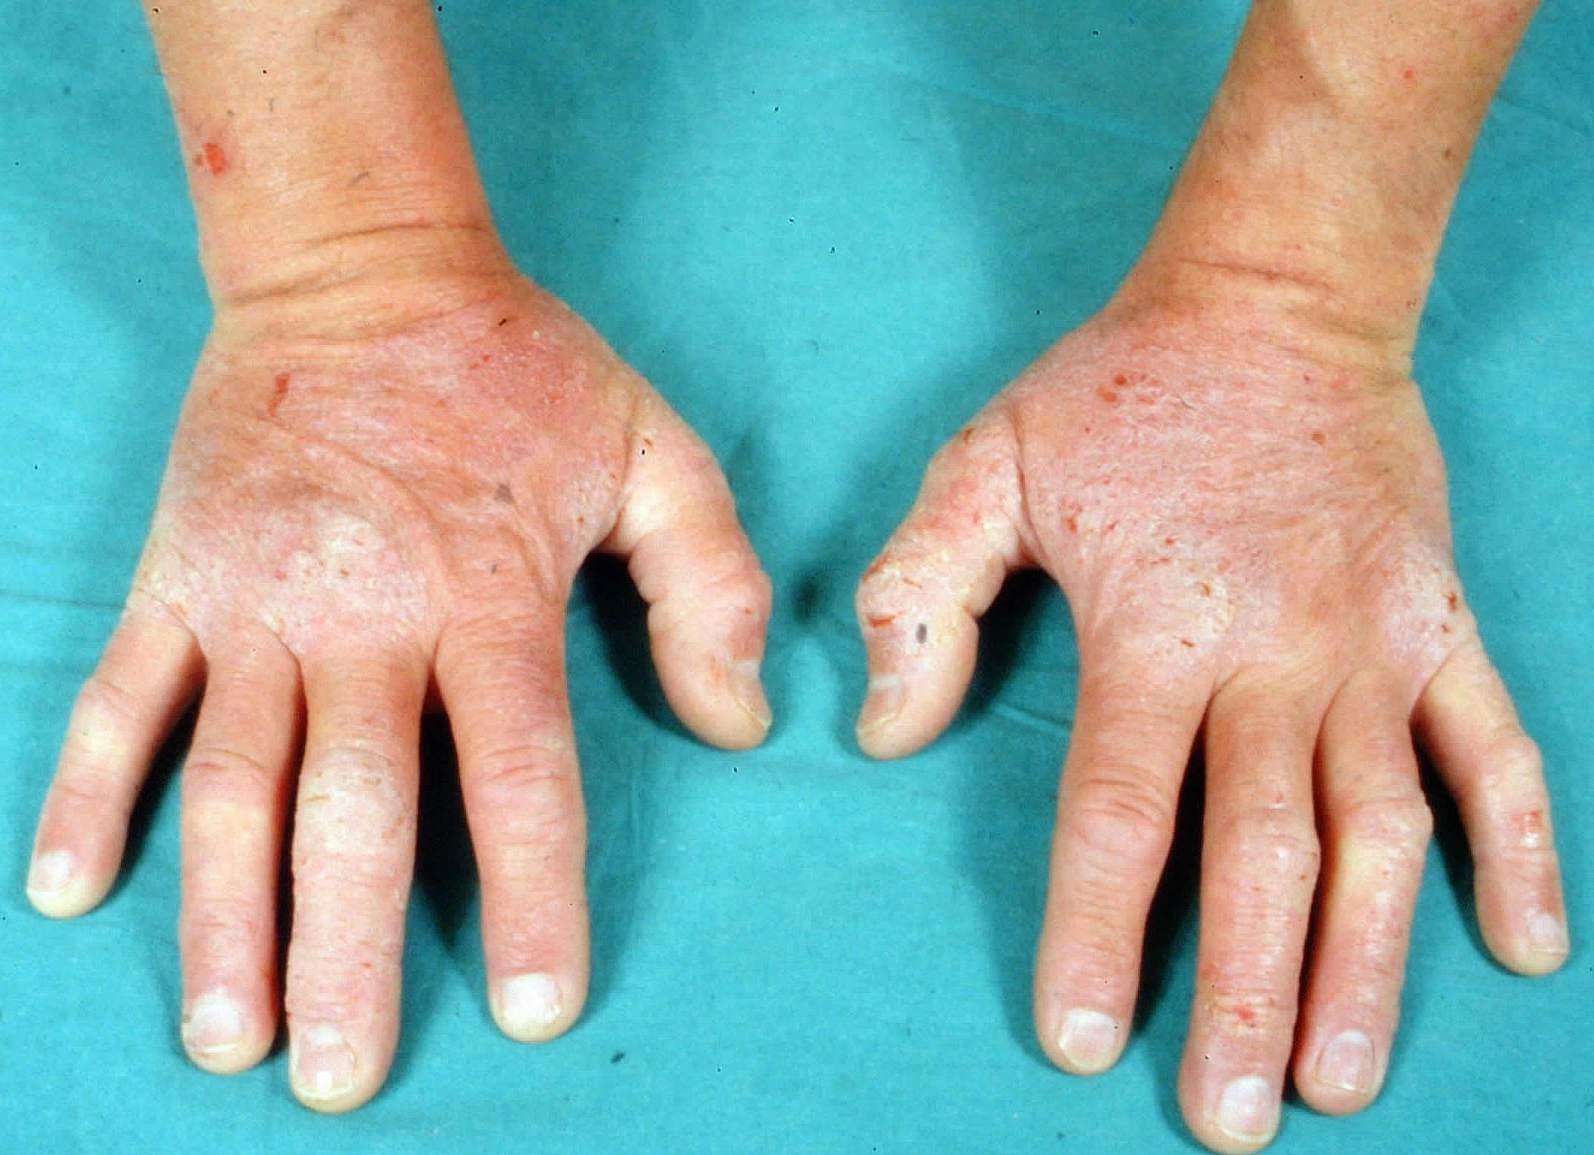 Dermatitis Herpetiformis (Celiac Disease Rash) Photos